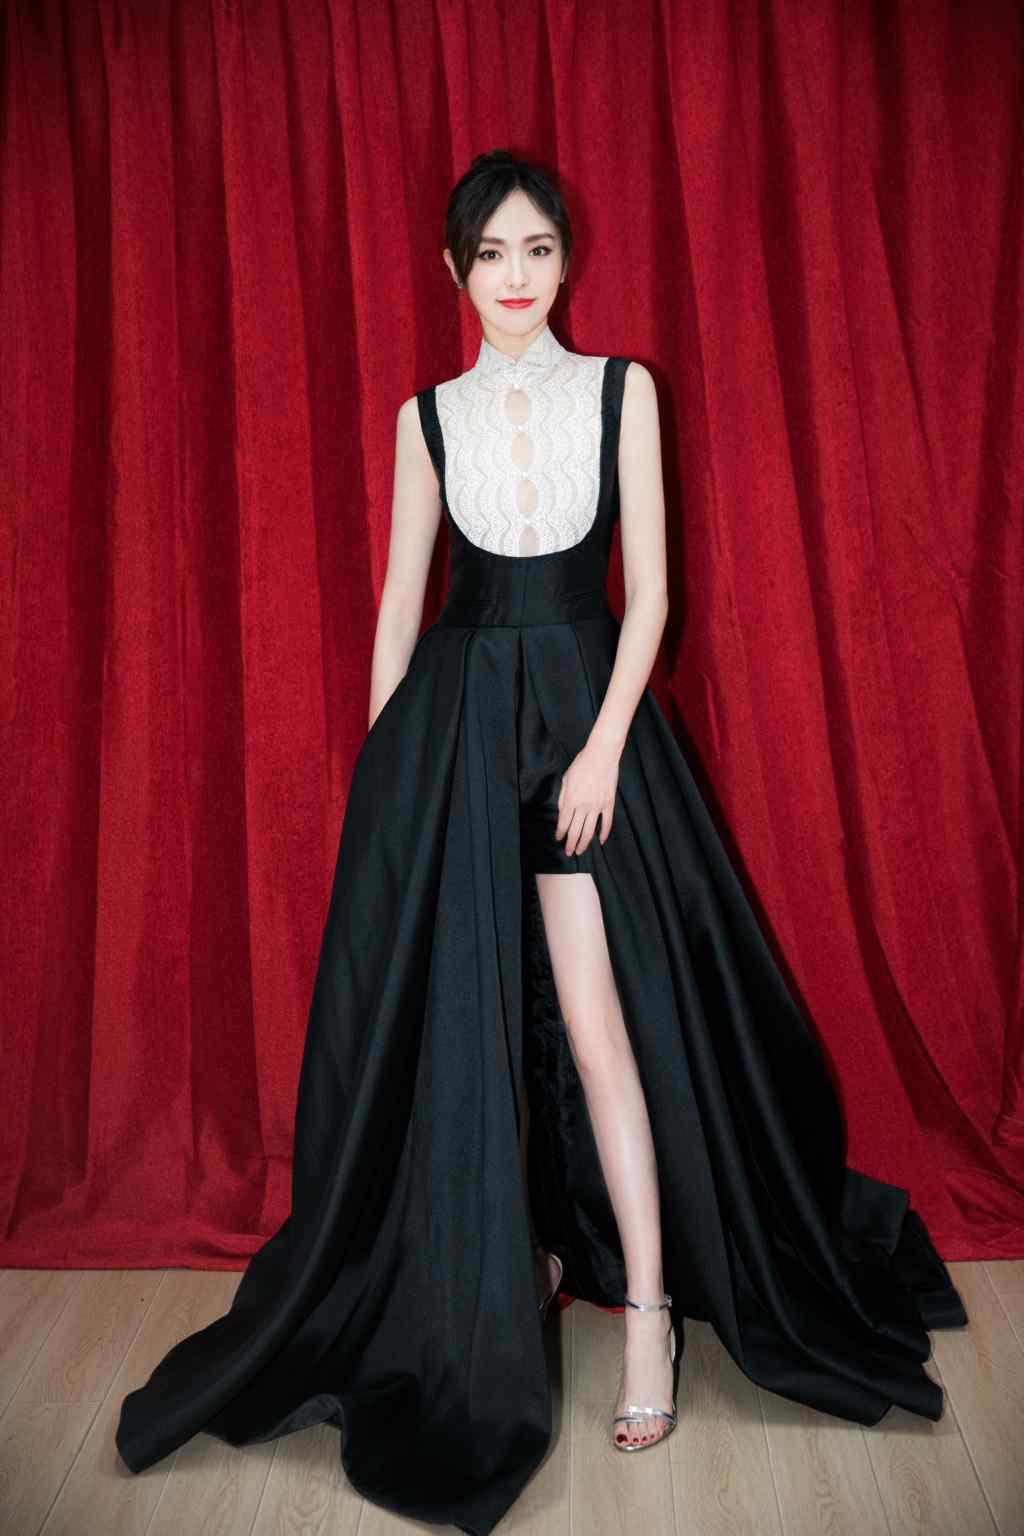 唐嫣复古黑色长裙礼服高清写真图片